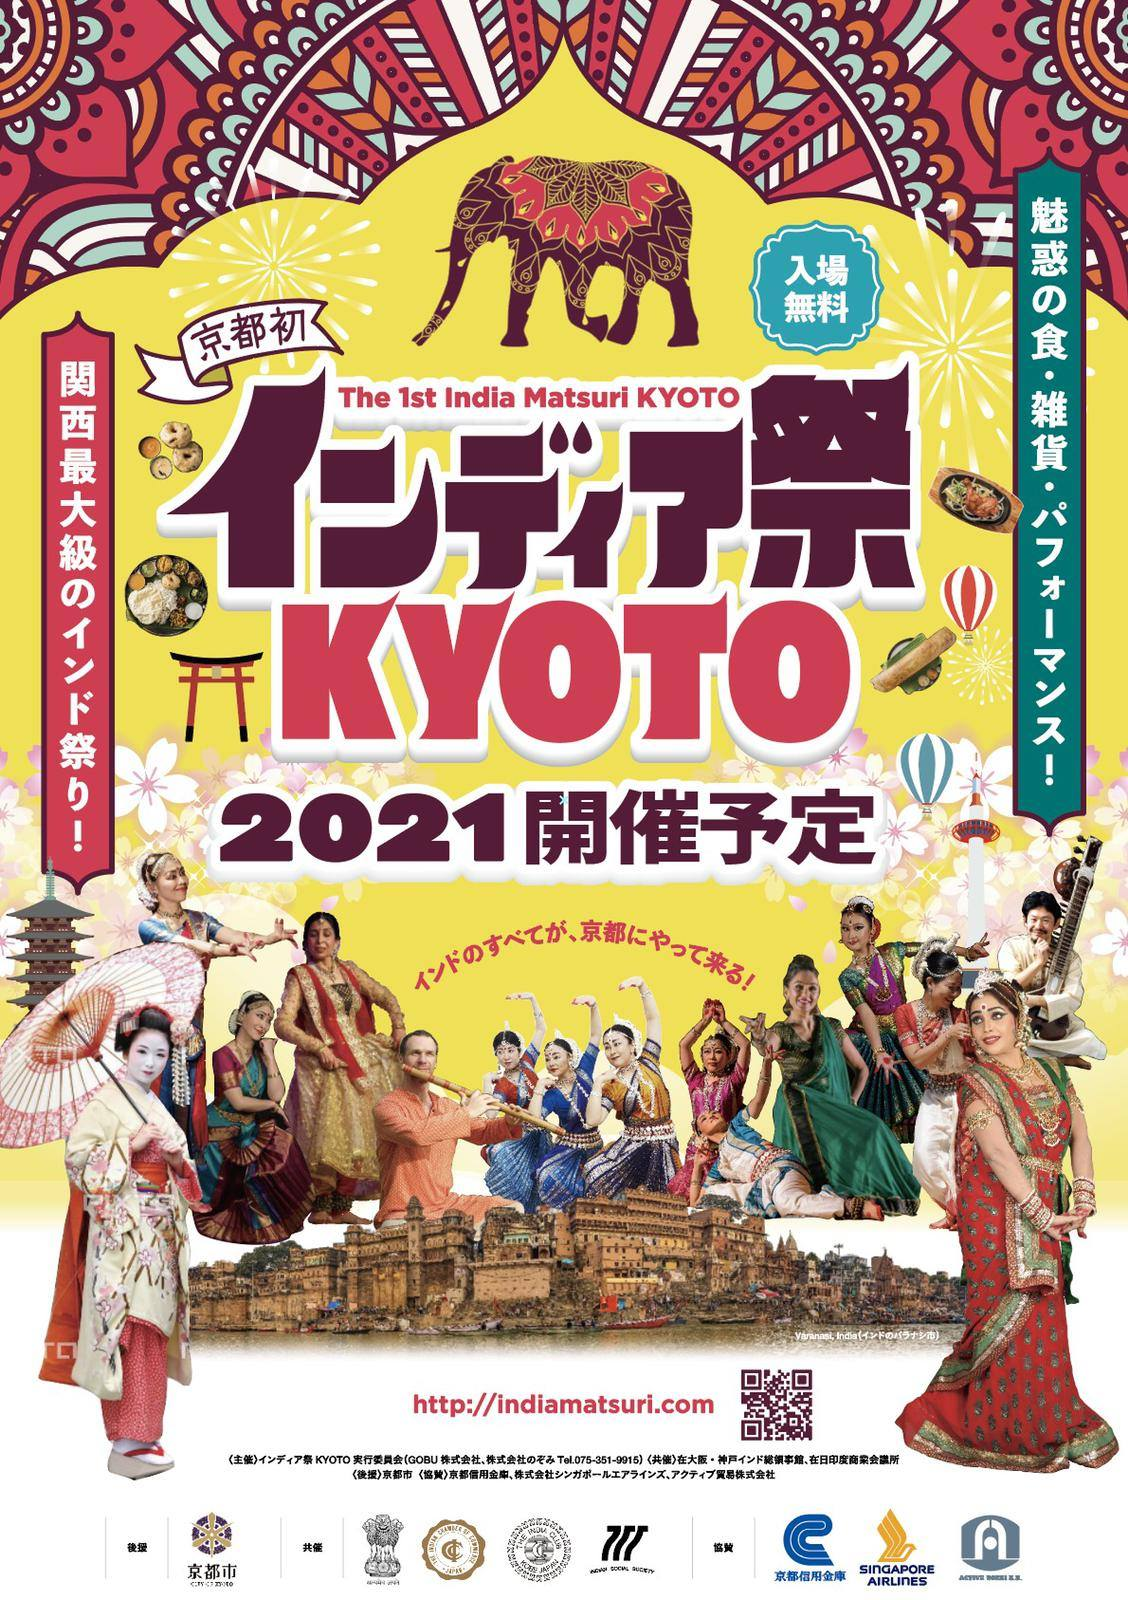 インディア祭り京都